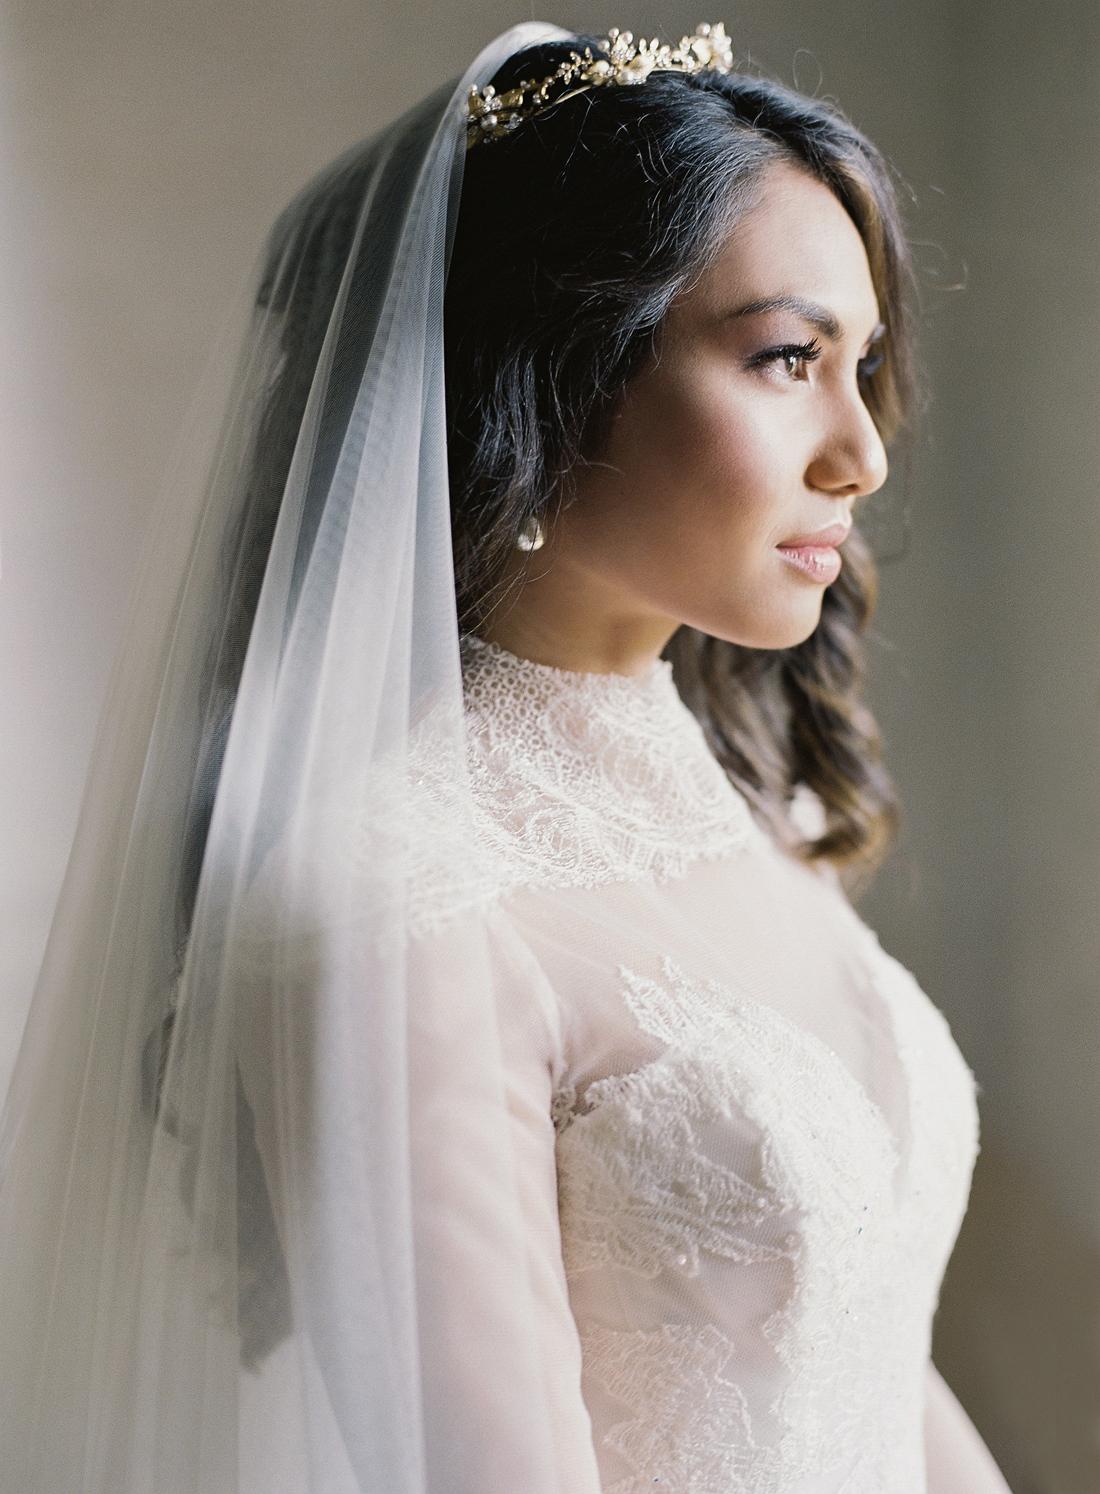 bride wearing veil, crown, and vintage pearl earrings